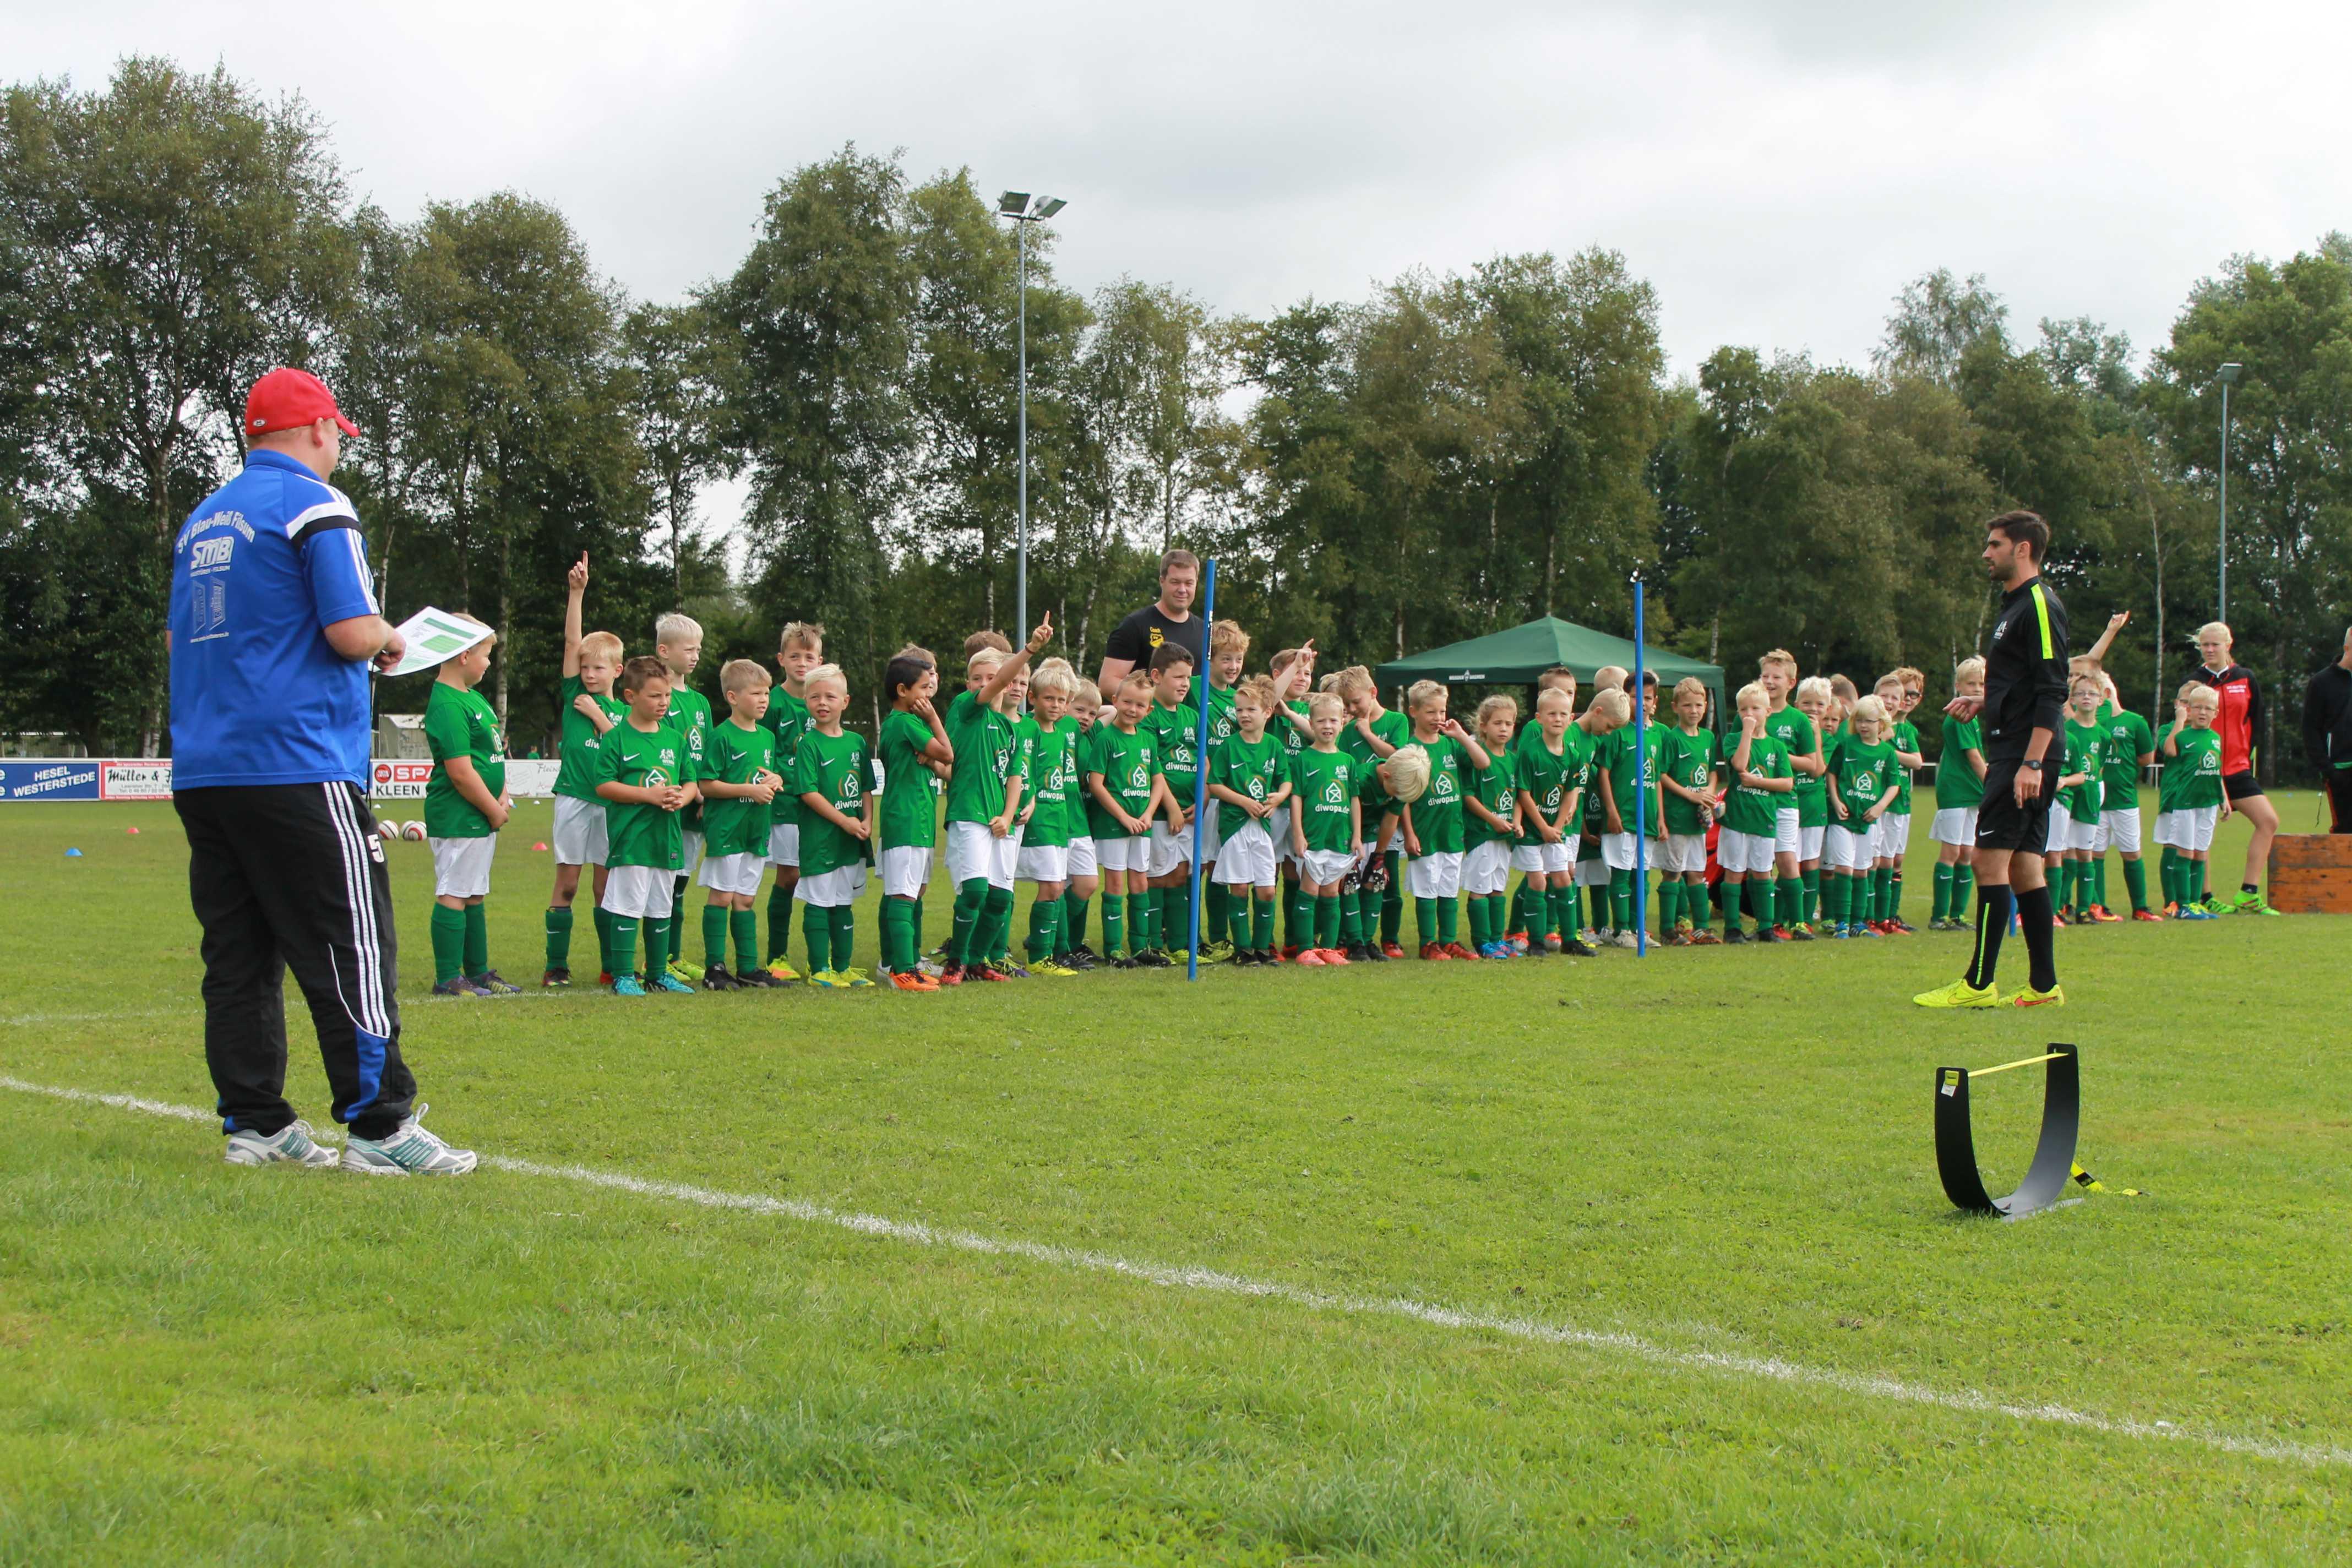 2016-08-13 Werder CAMPontour - Samstag (9)